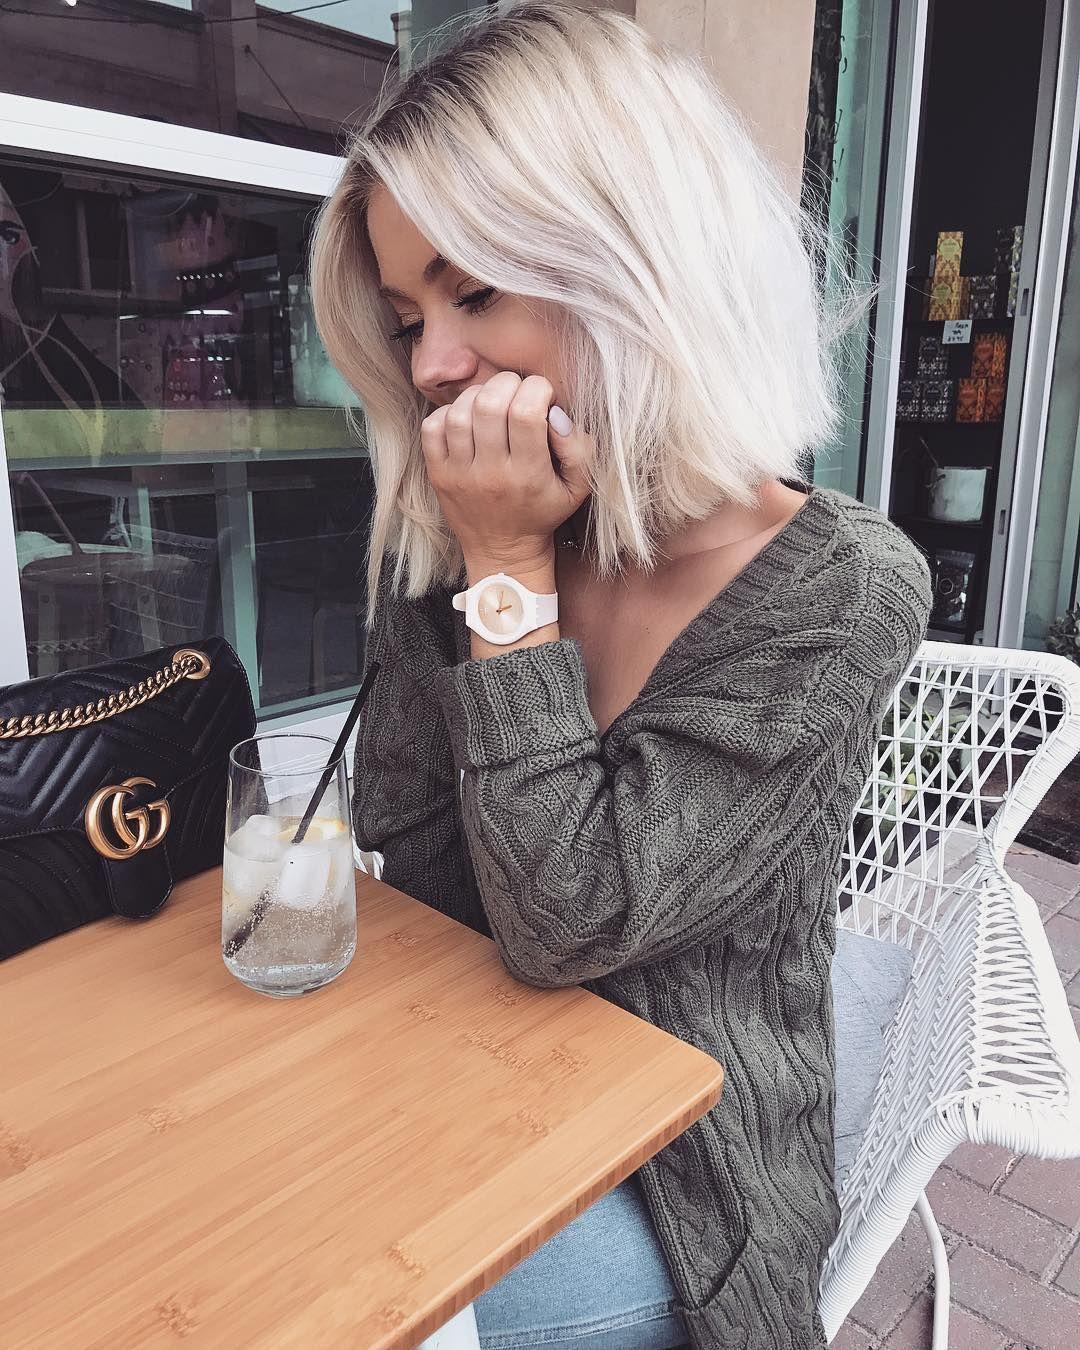 Blond polaire coiffures pour blondes pinterest cabello peinados y corte de pelo - Blond polaire maison ...